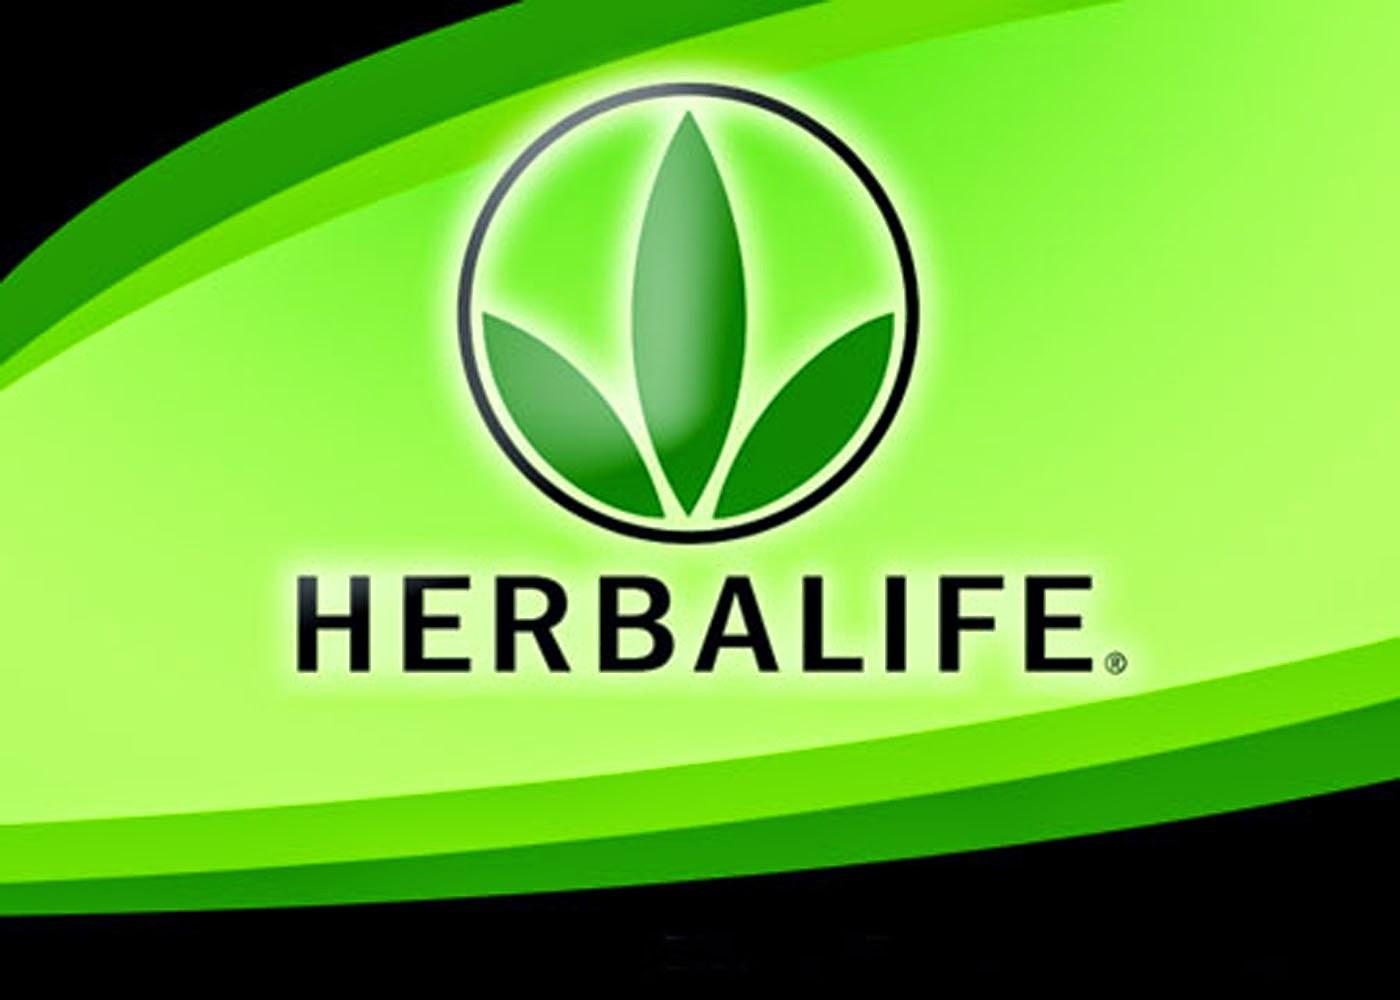 herbalife balikpapan